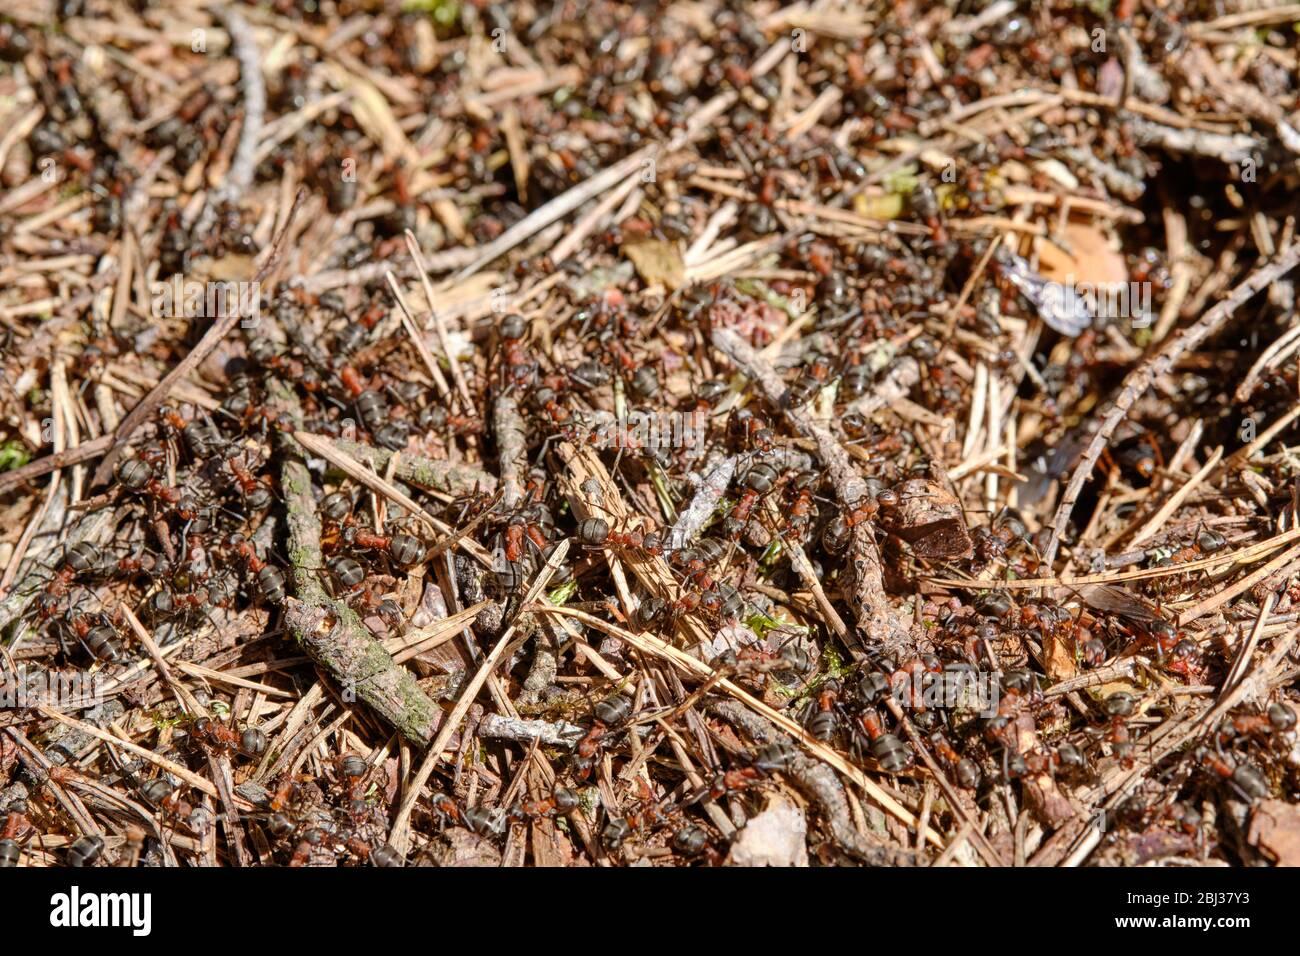 Nahaufnahme eines Ameisenbunkers im Wald mit vielen roten Ameisen, die darauf krabbeln. Gesehen an einem sonnigen Frühlingstag im Wald in Bayern, Deutschland Stockfoto